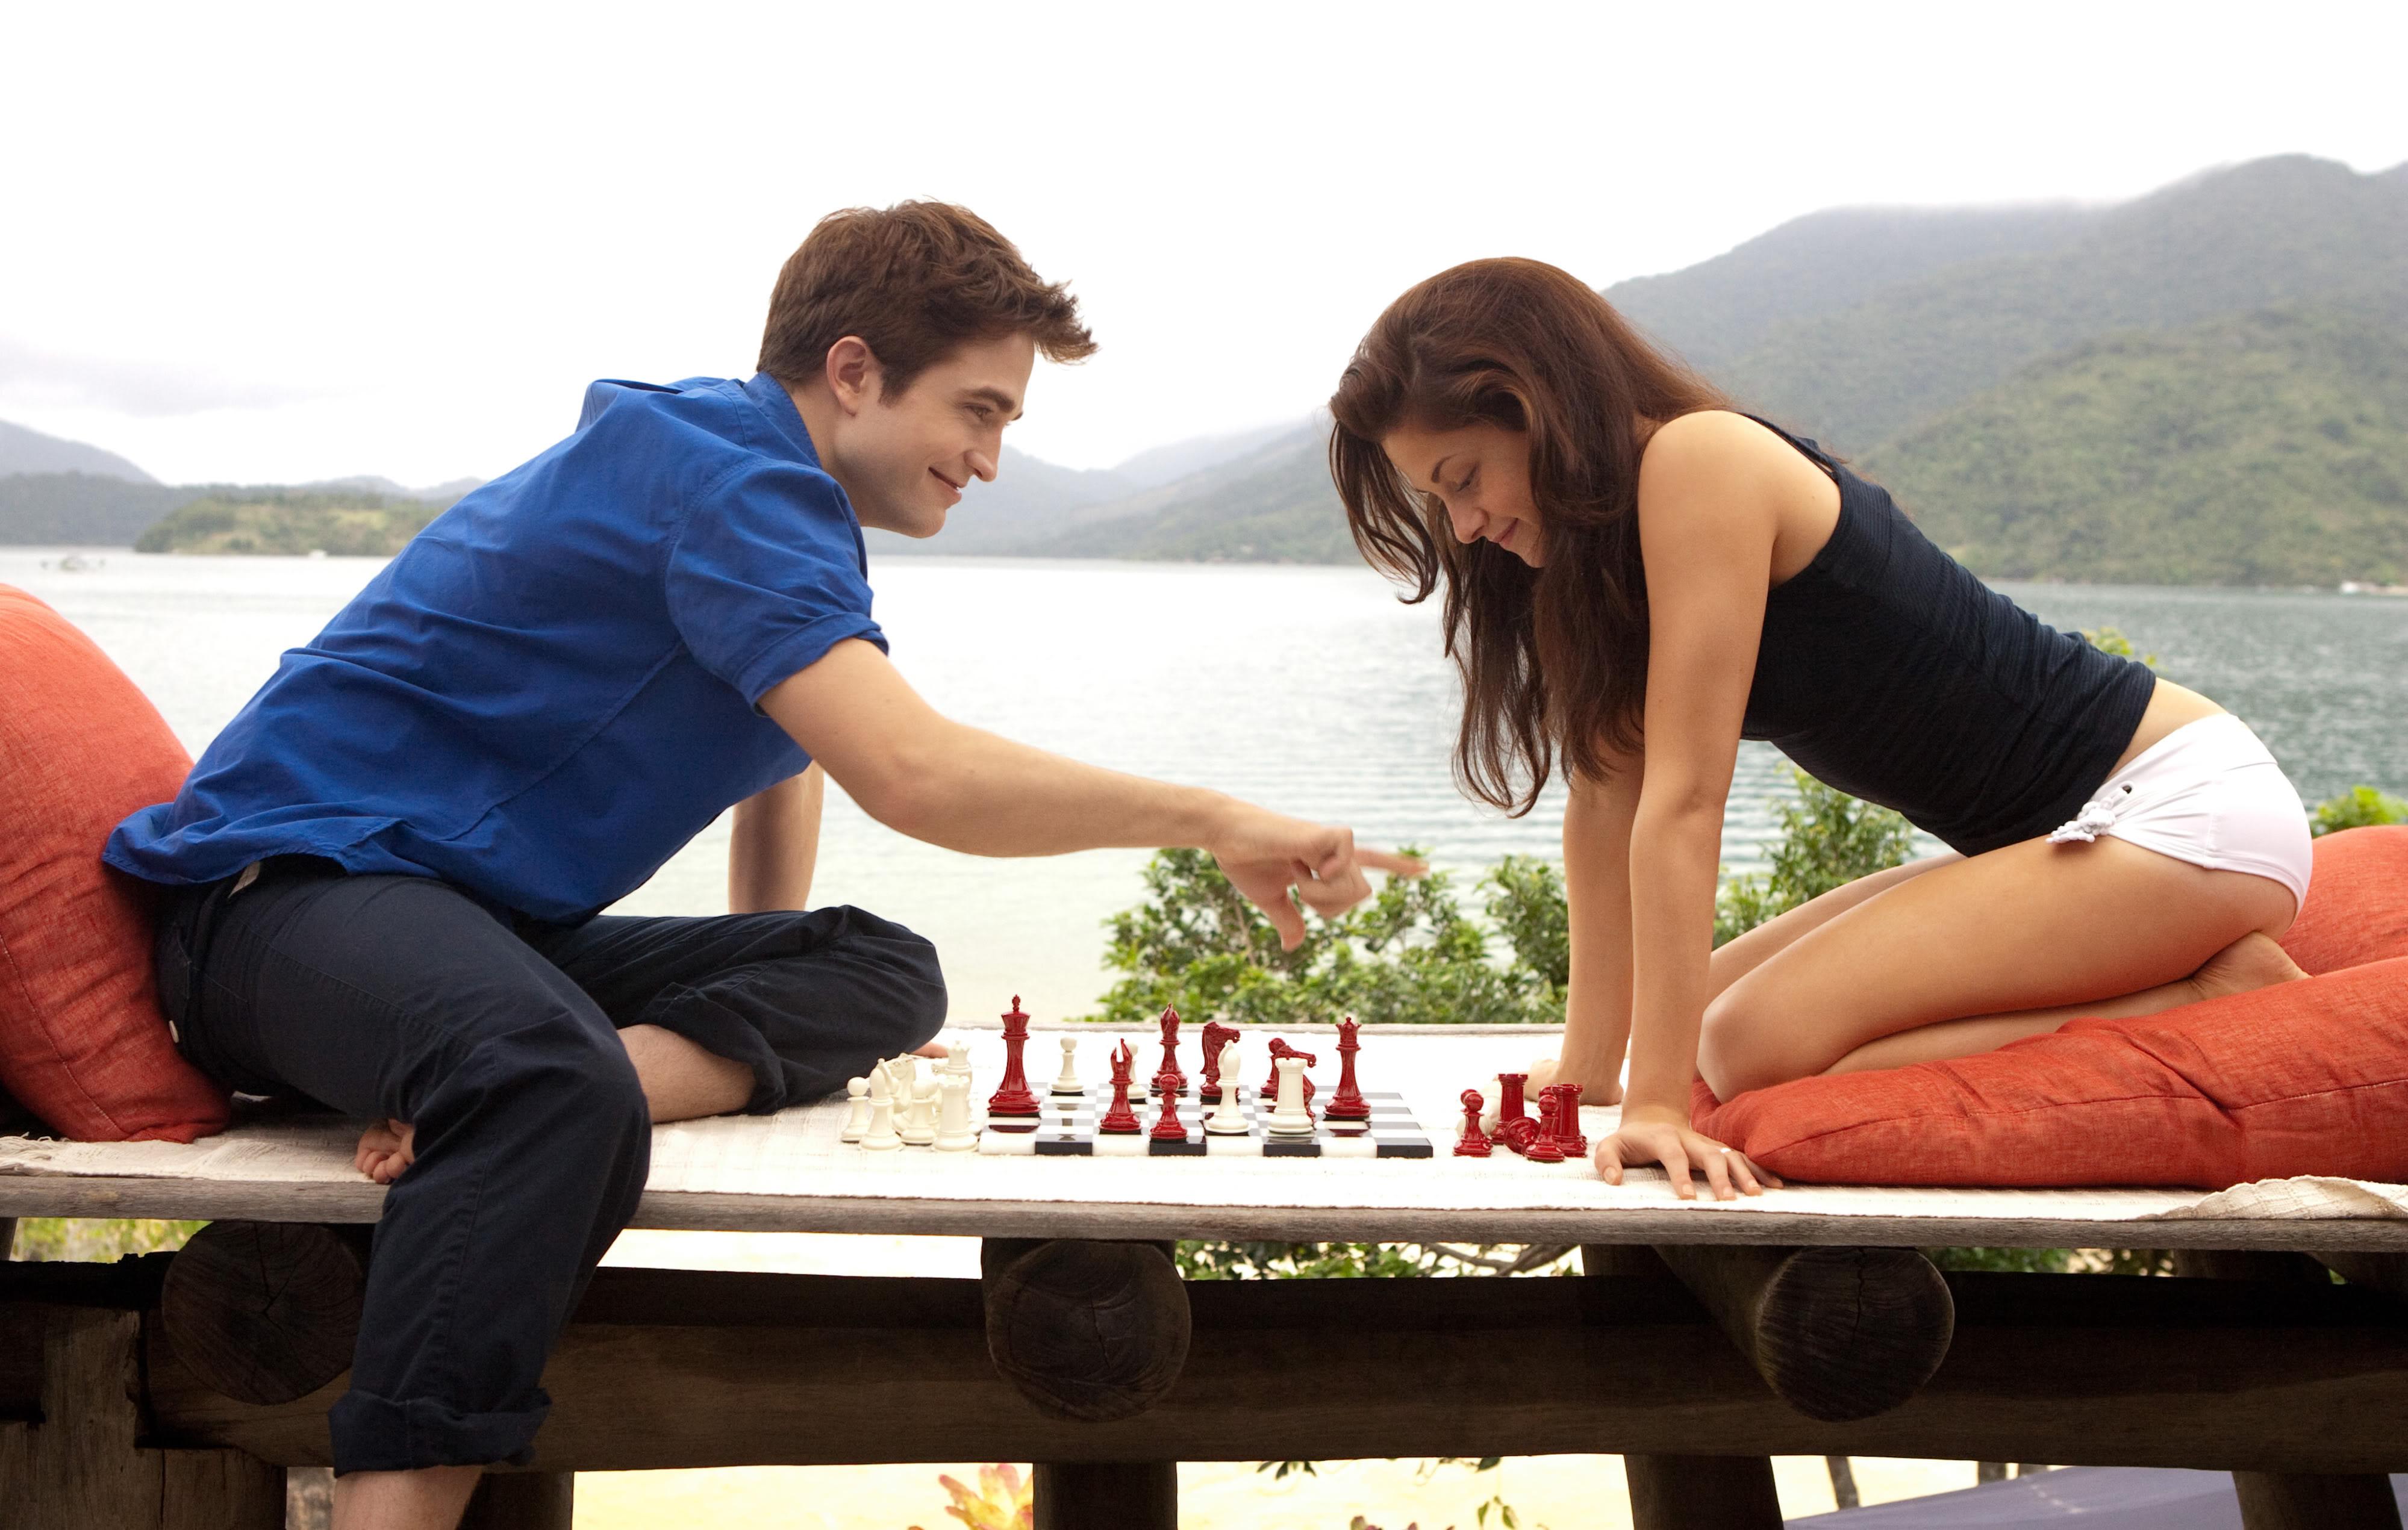 robert patinnson y kristen stweart jugando ajedrez